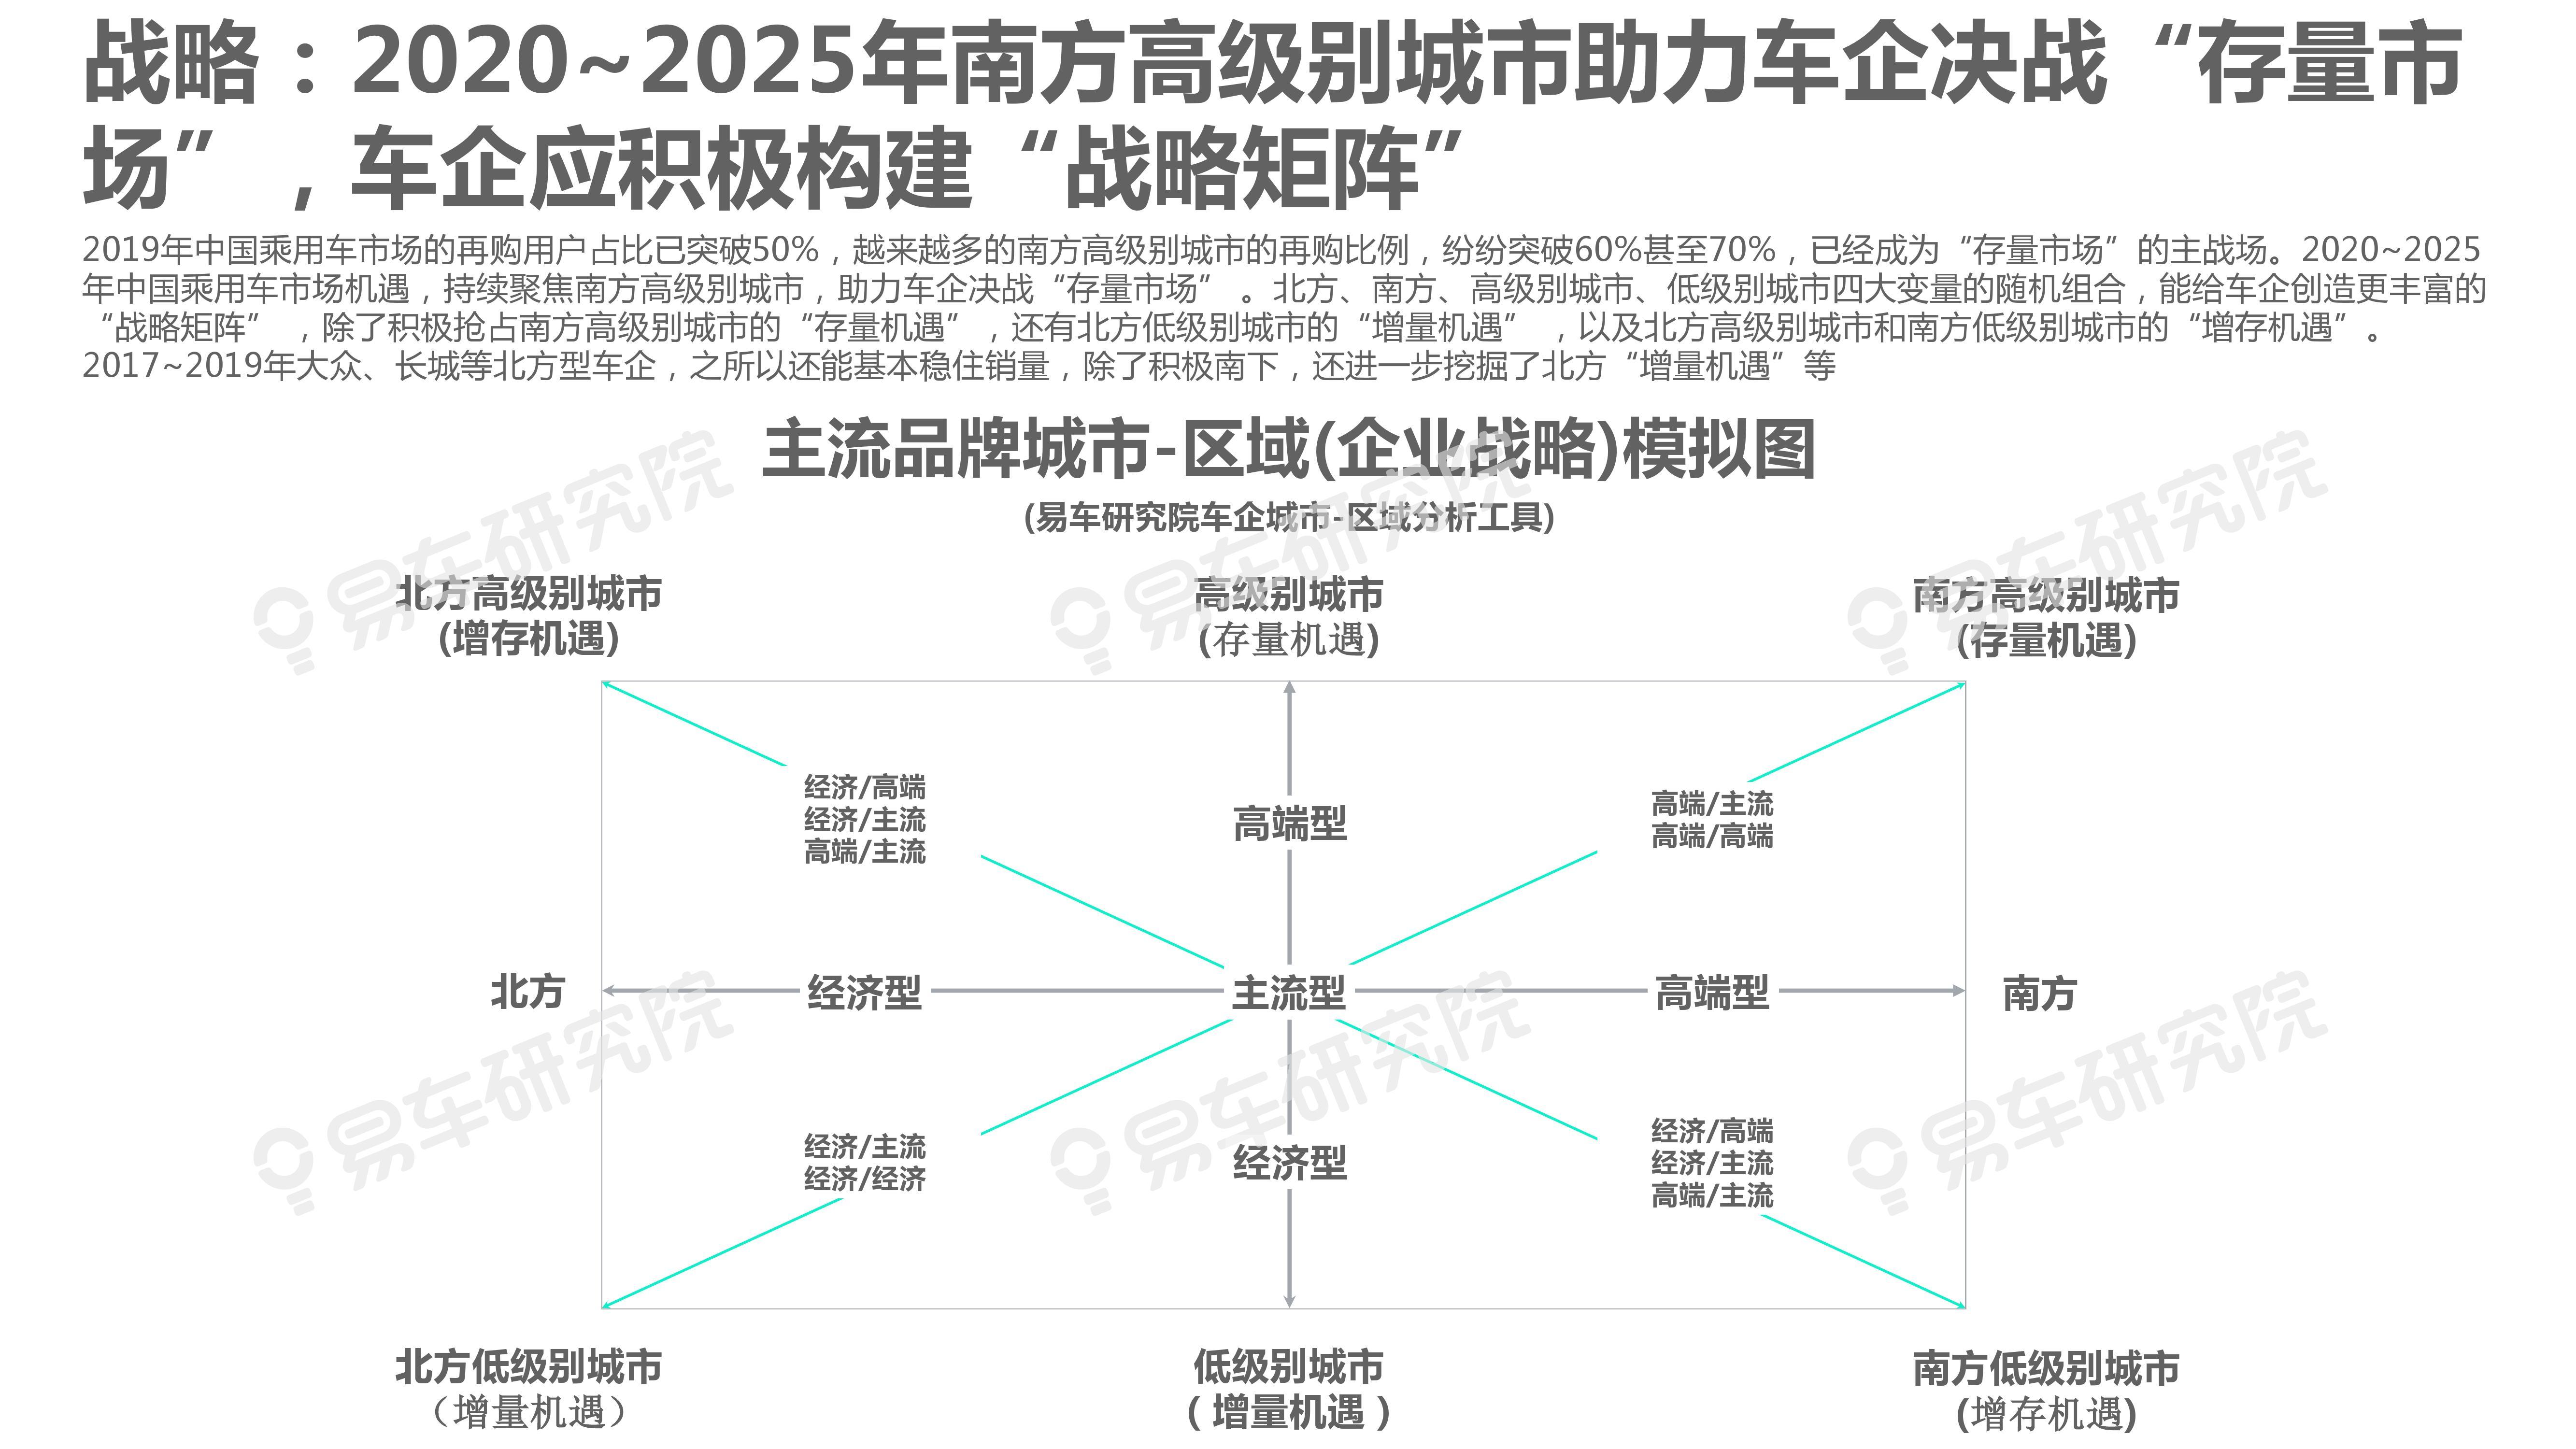 """2020-2025年城市:区域洞察报告—车企急需构建""""战略矩阵""""(可下载报告)插图(29)"""